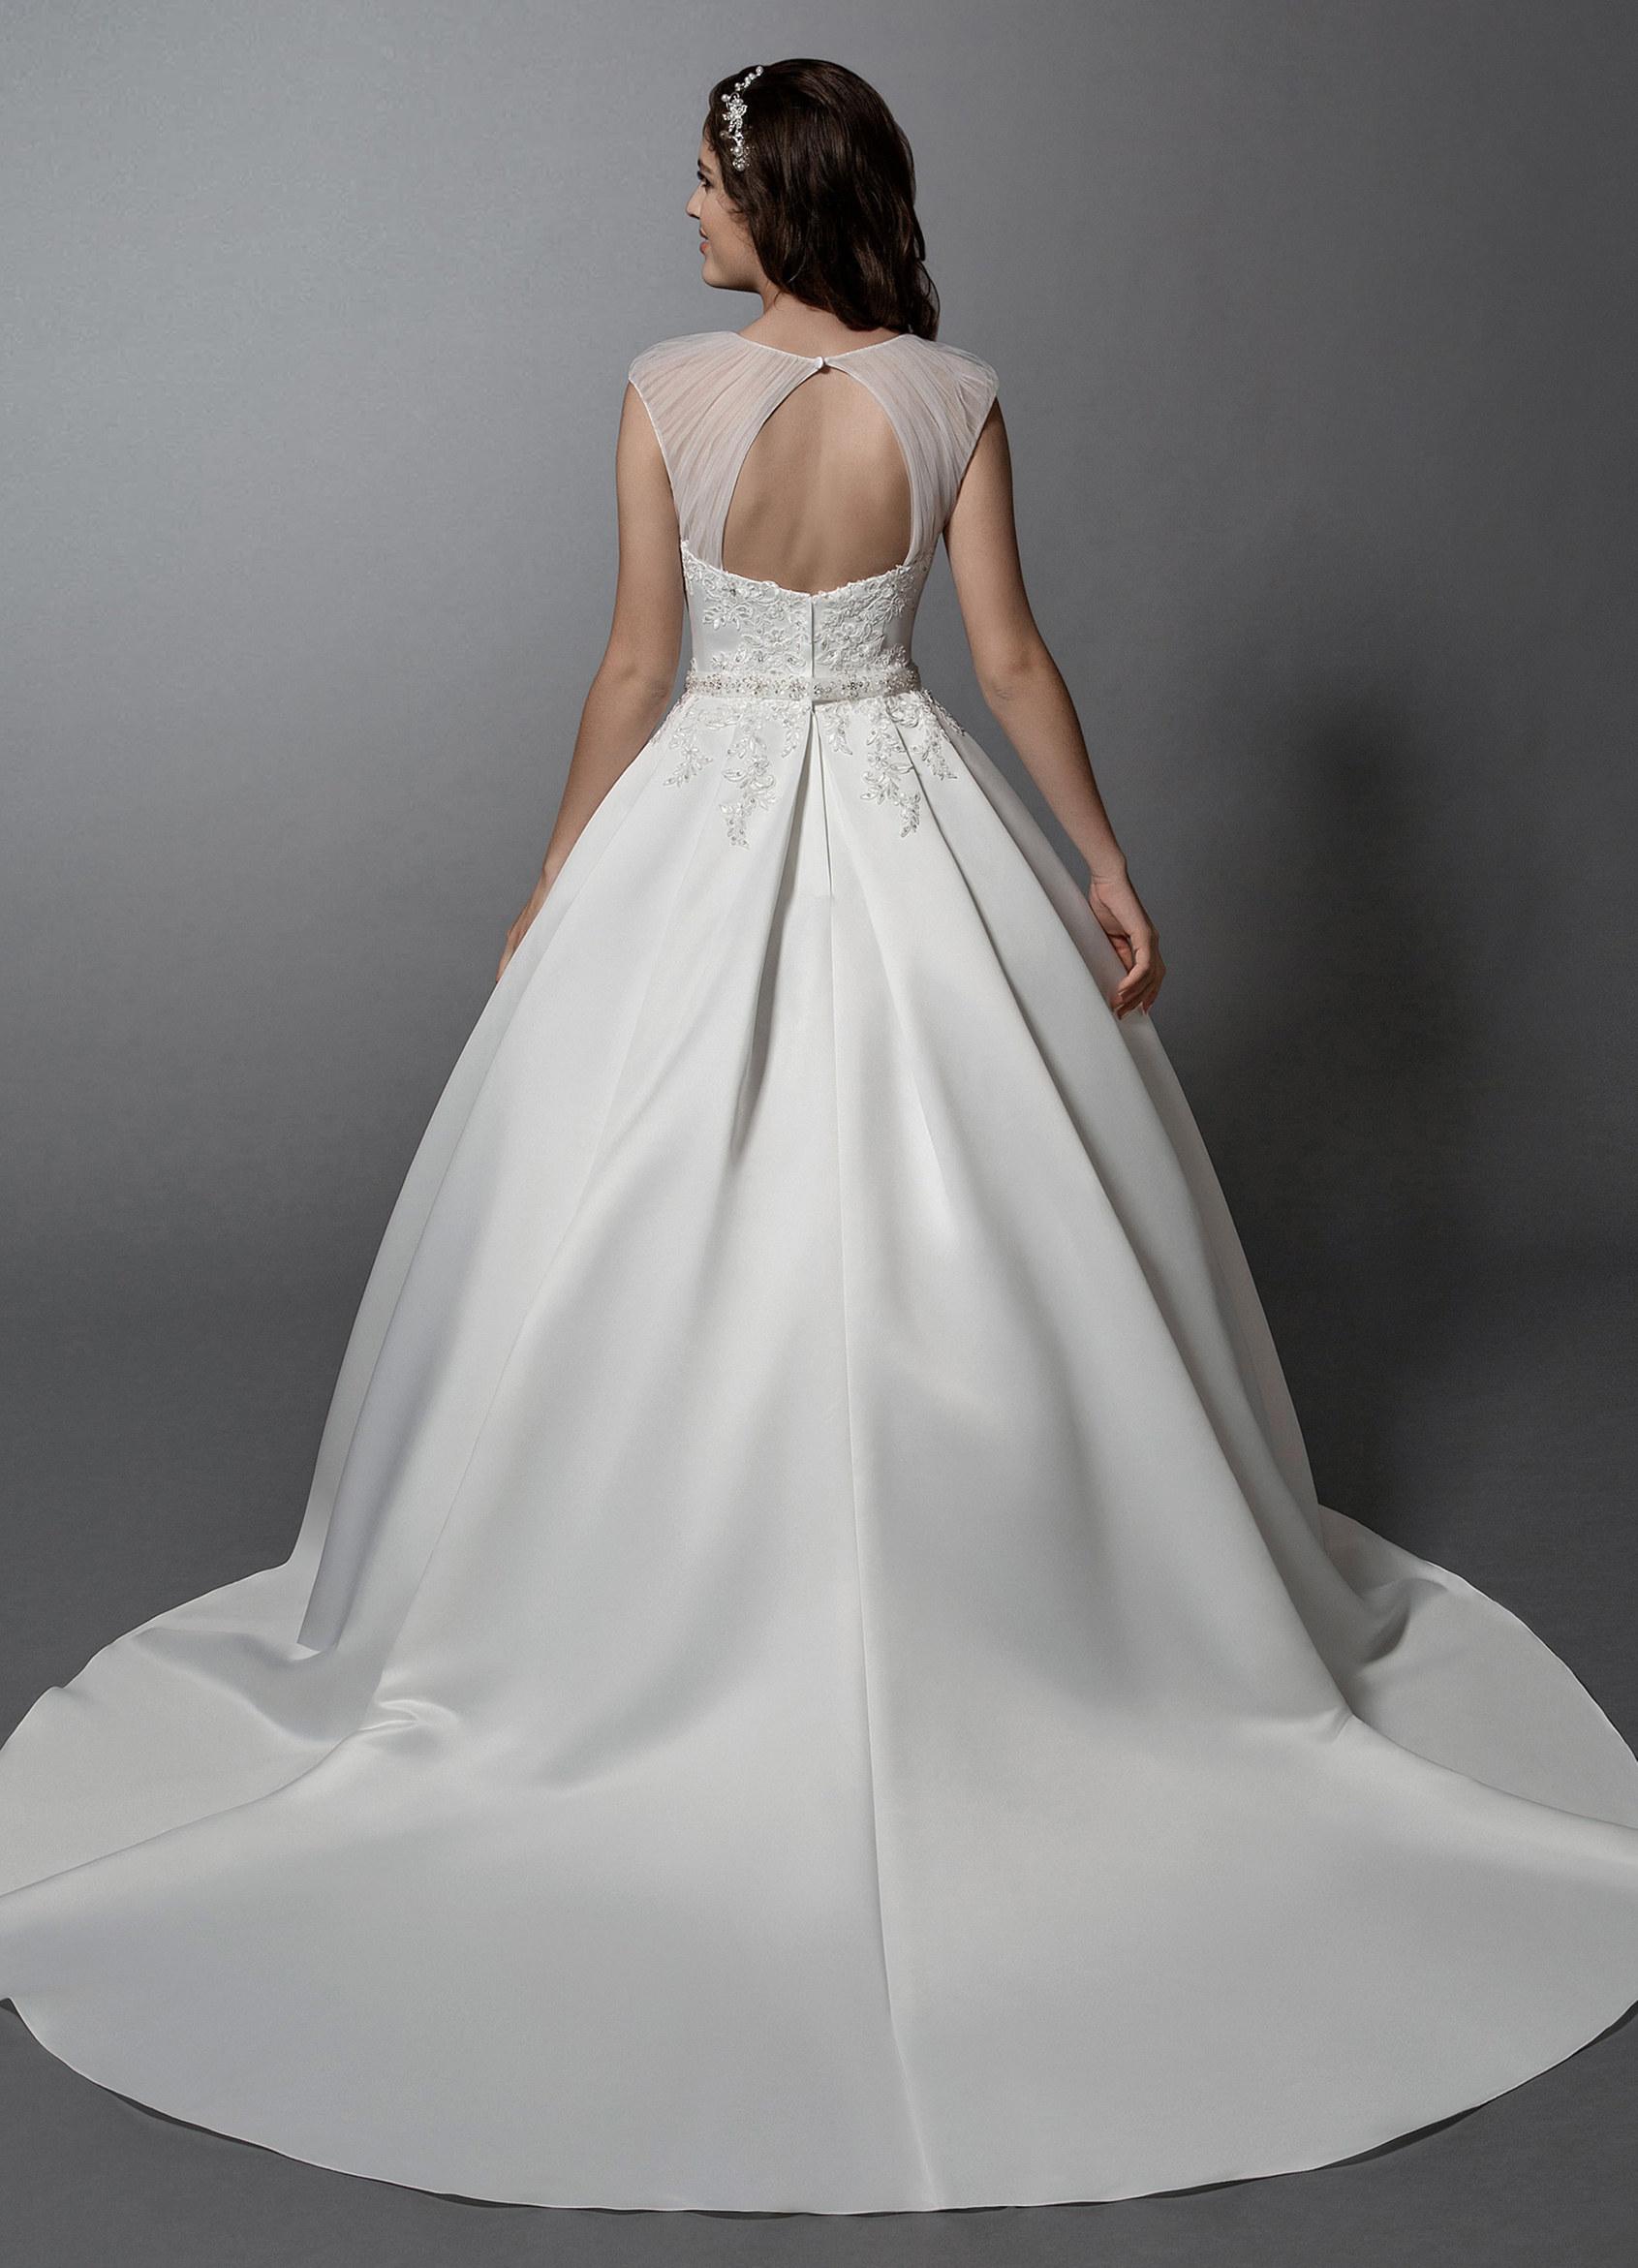 Akira Bg Sample Dress